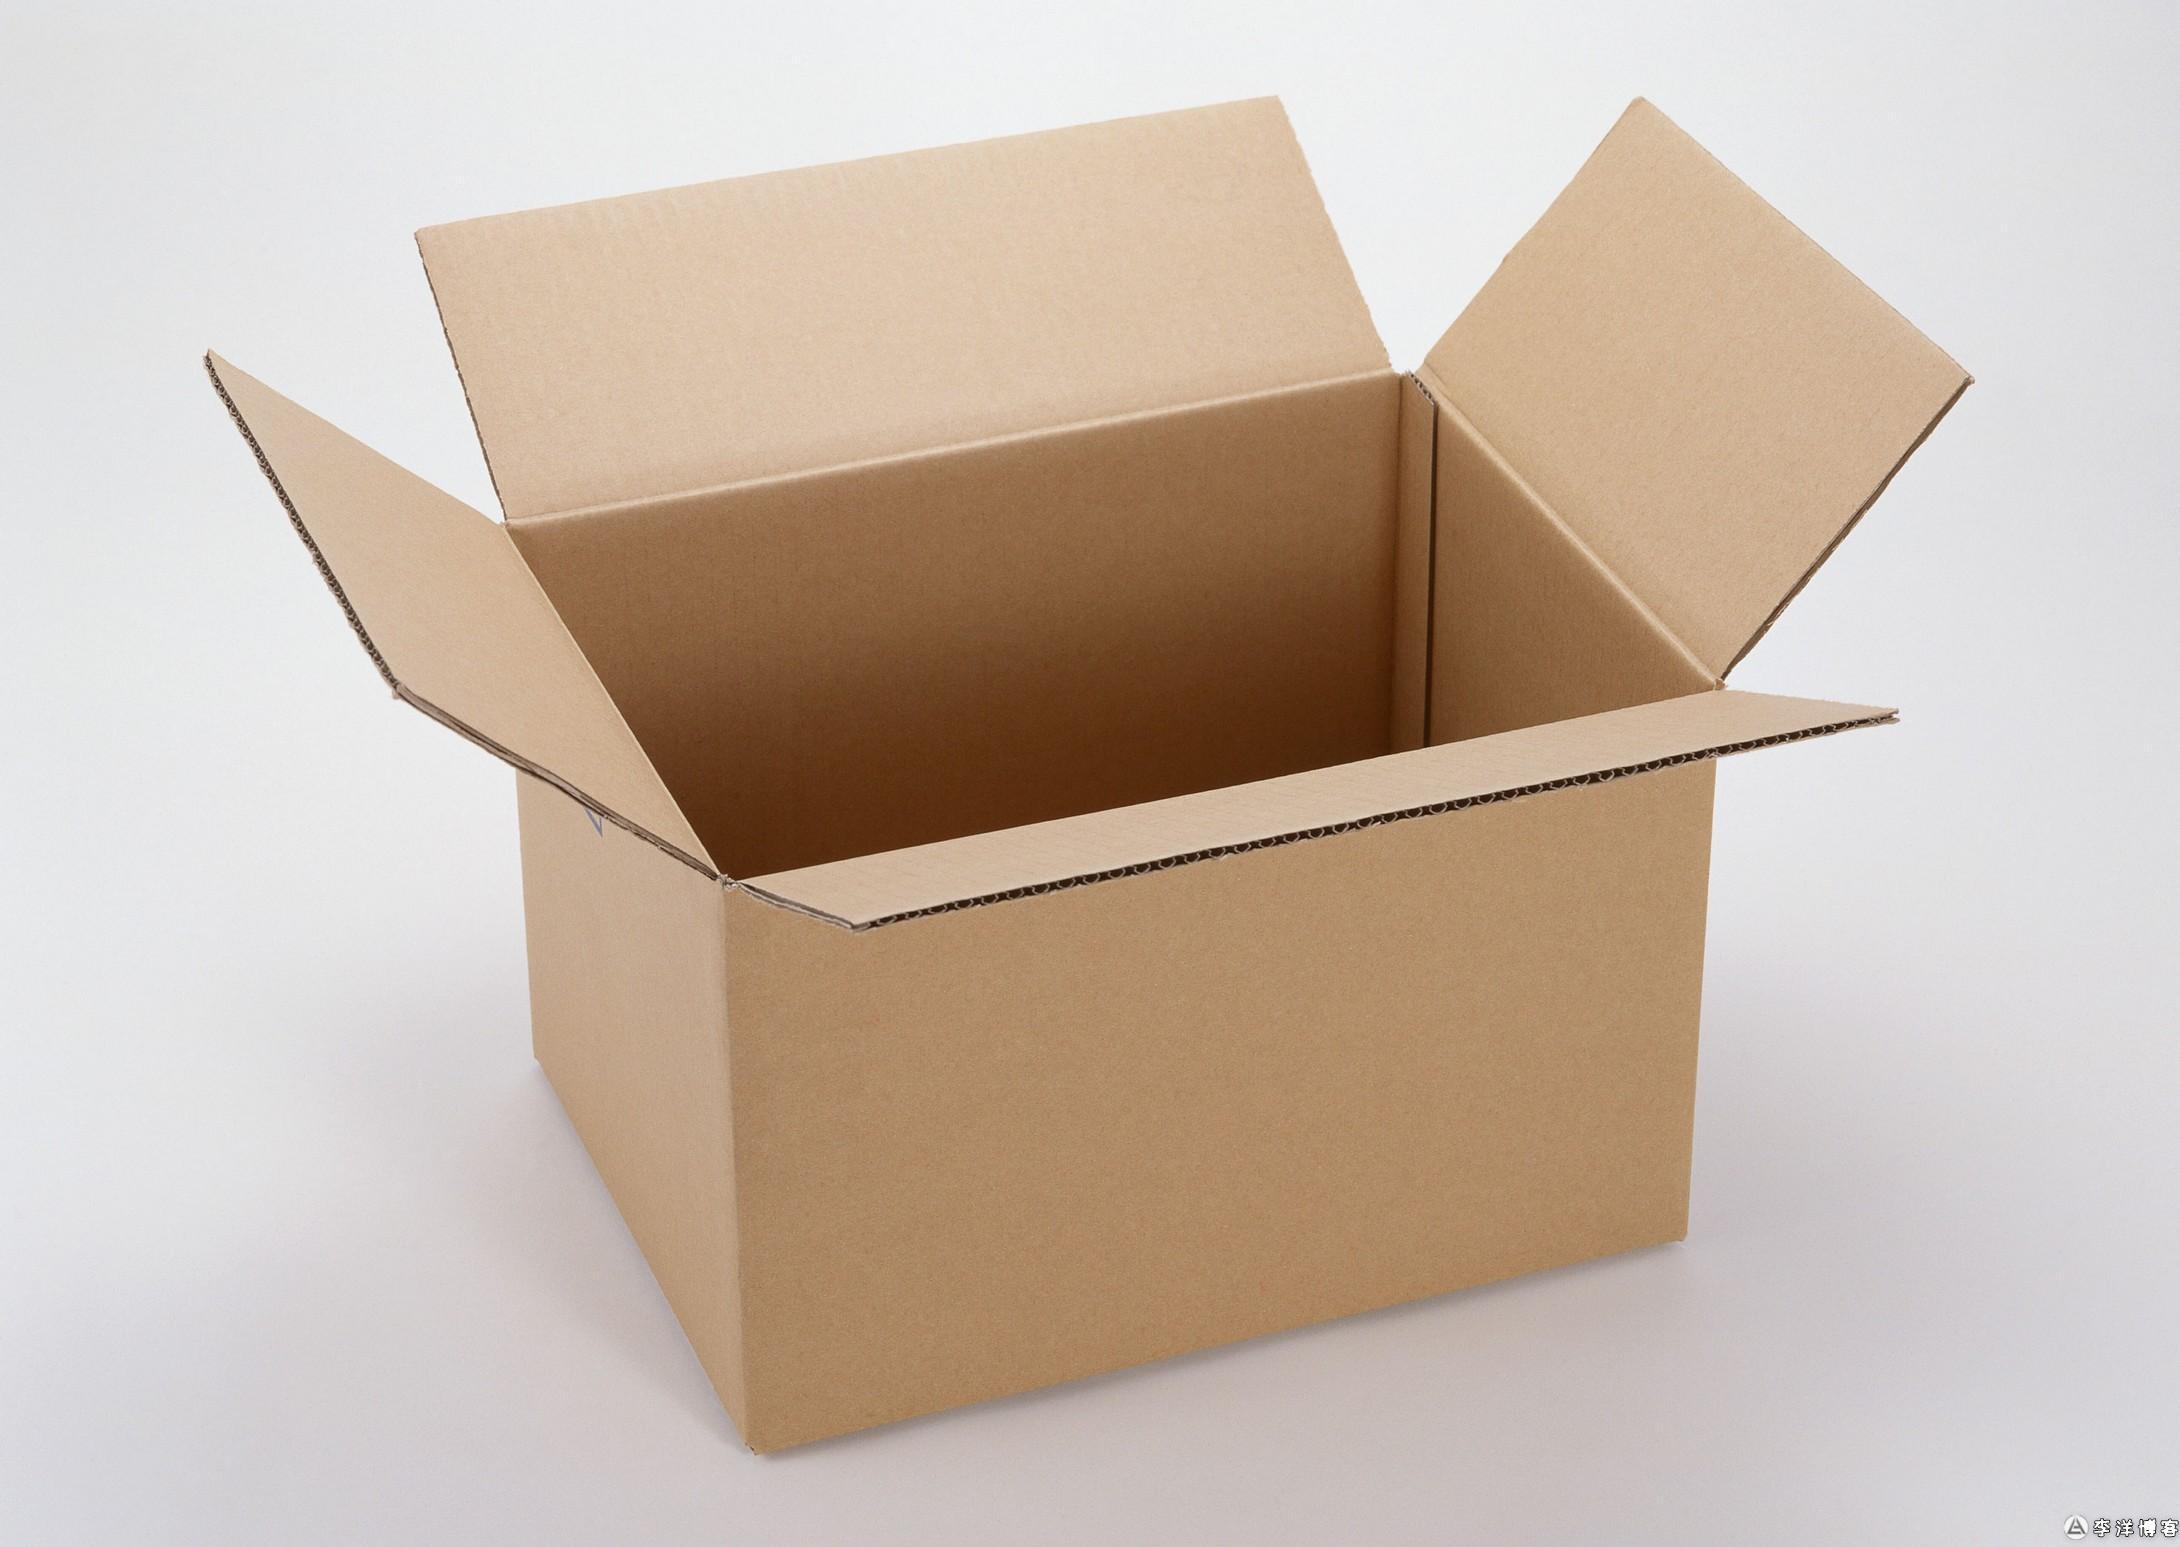 哈尔滨纸箱包装厂联系方式_晨鸣纸业上半年盈利预计超20亿元 同比预增300%